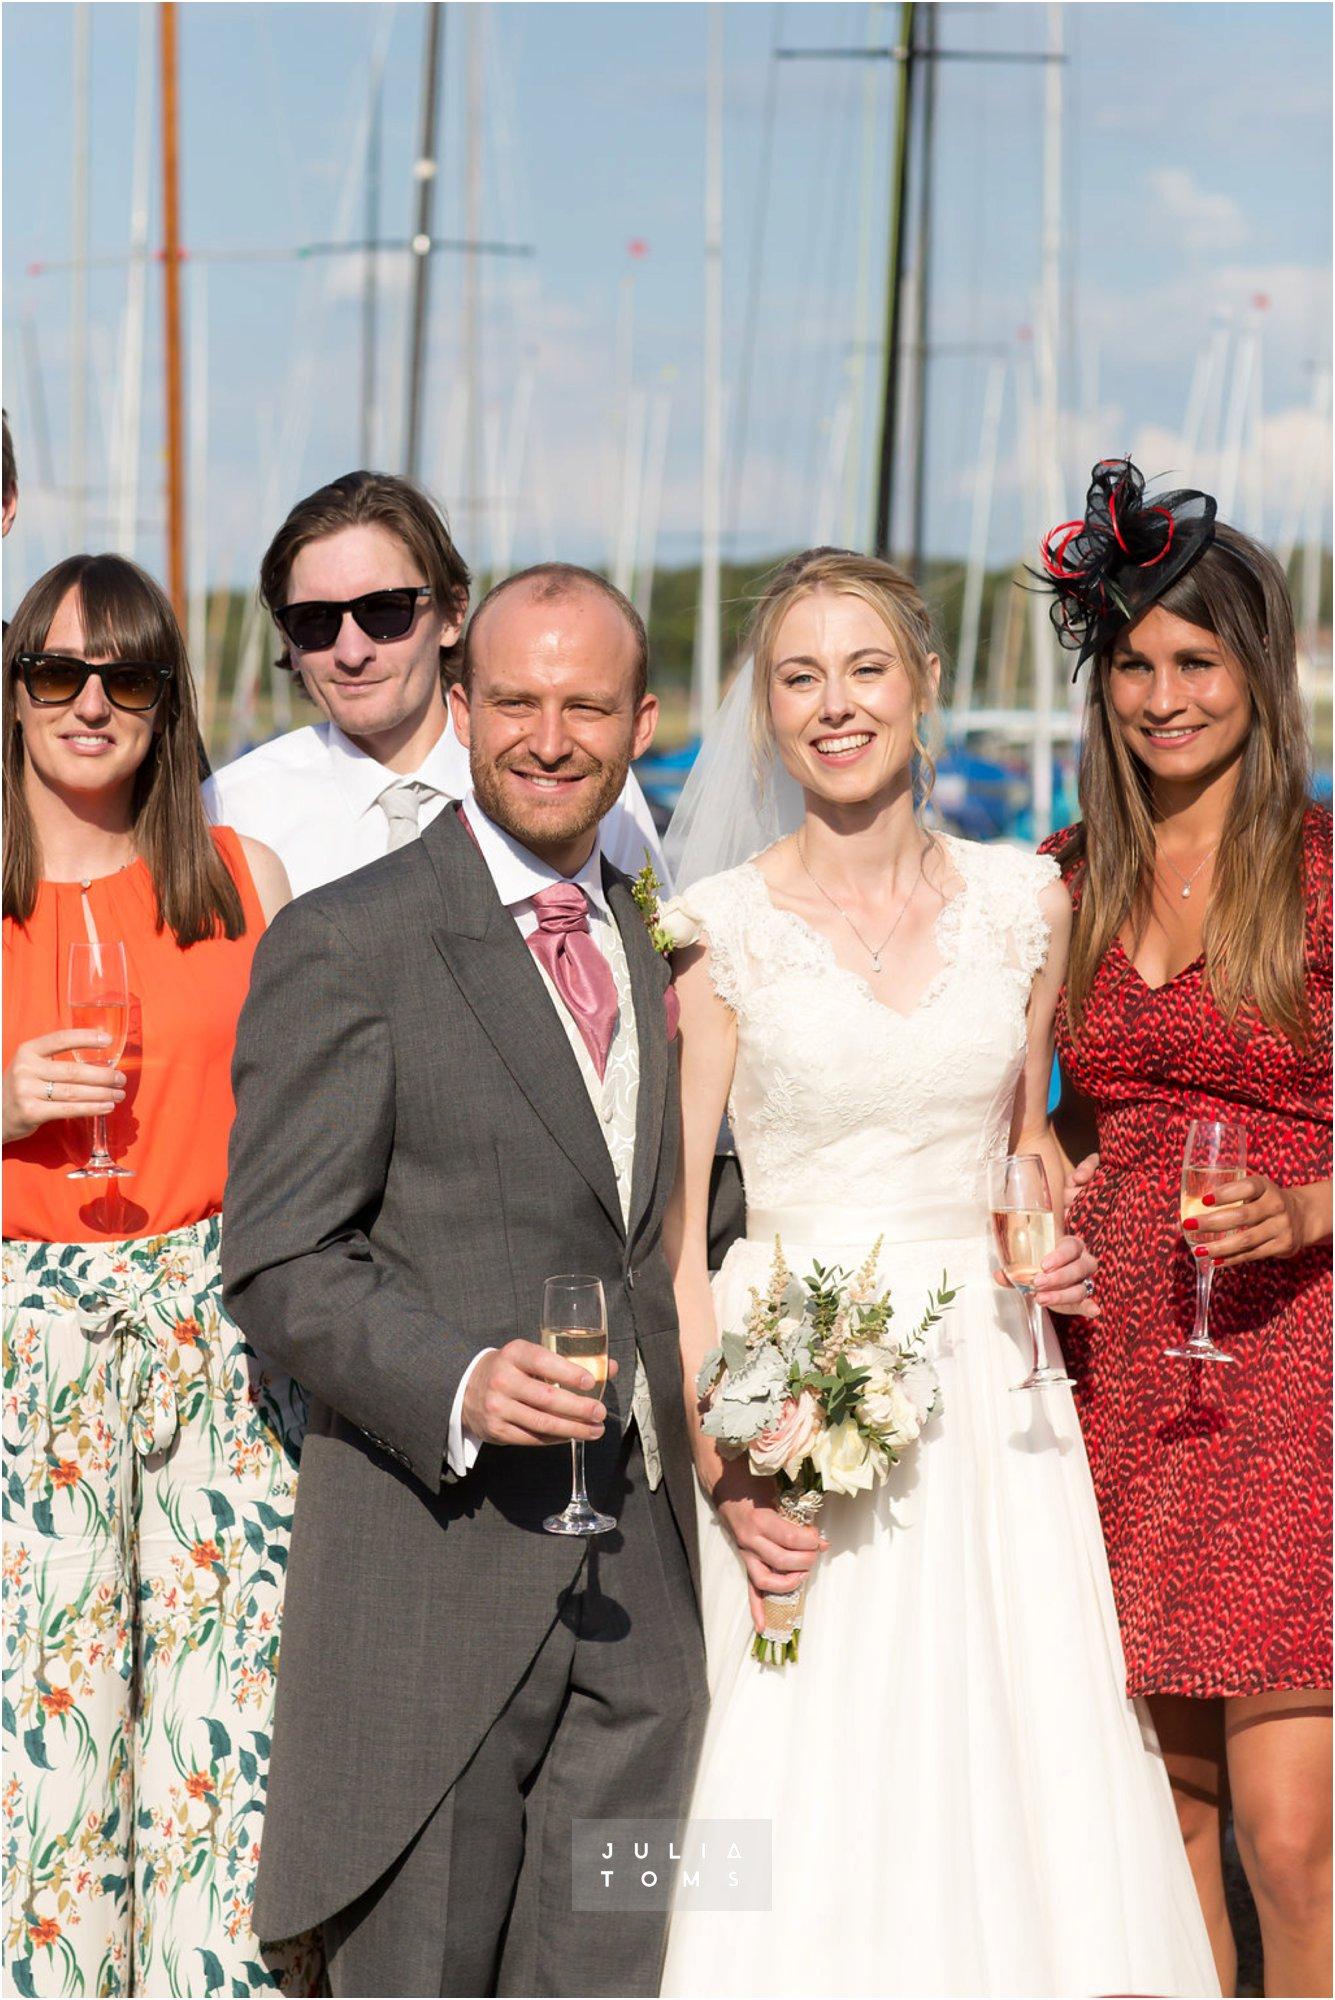 itchenor_wedding_chichester_photographer_054.jpg